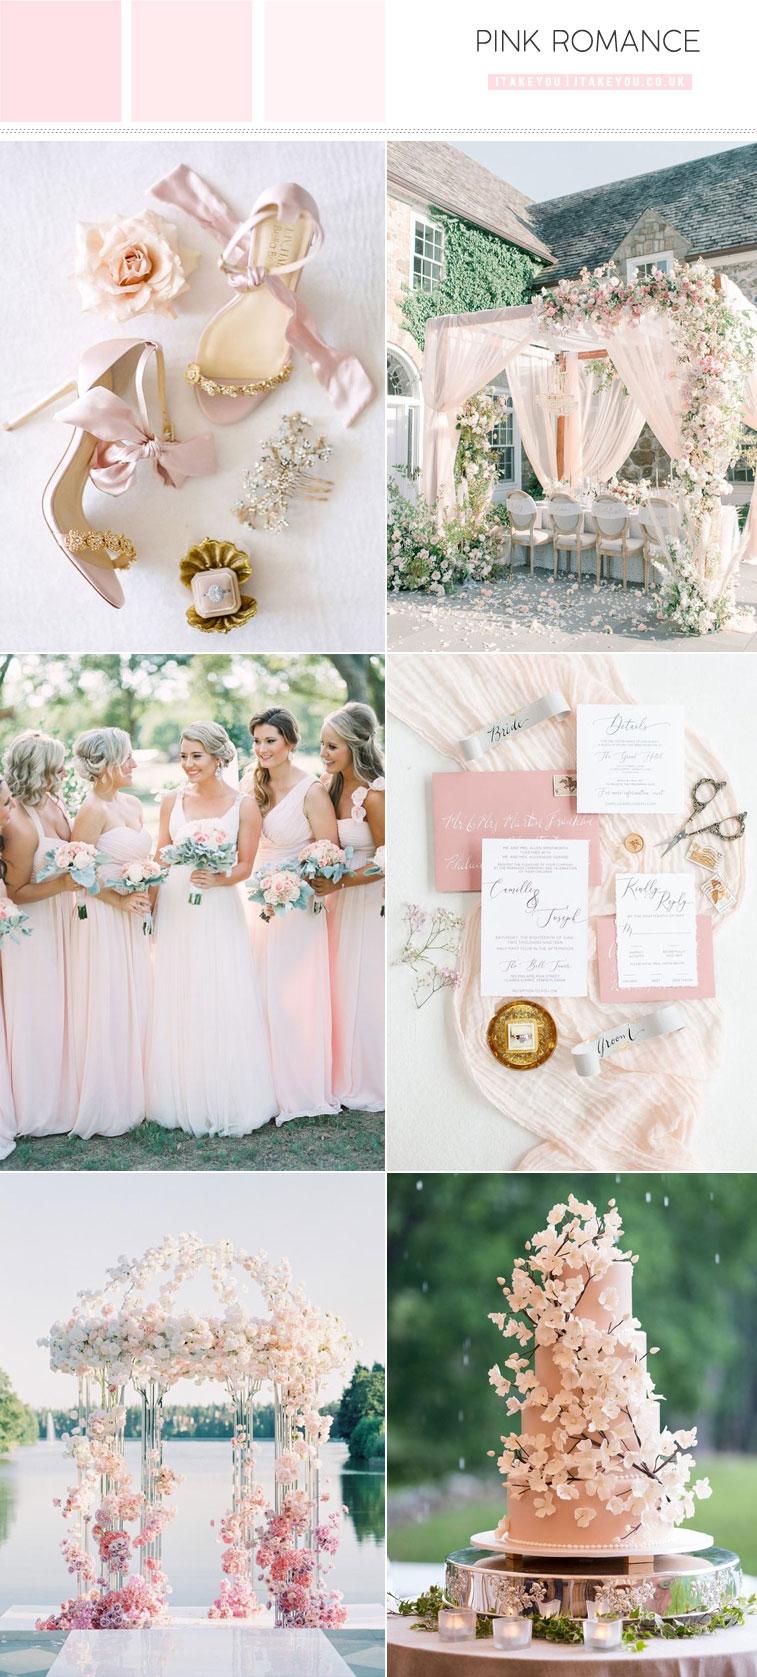 zart rosa Hochzeit, rosa Hochzeit Farbkombination, zart rosa Hochzeitsthema, rosa Hochzeitsideen, rosa Hochzeit #Hochzeit #Hochzeitsfarbe